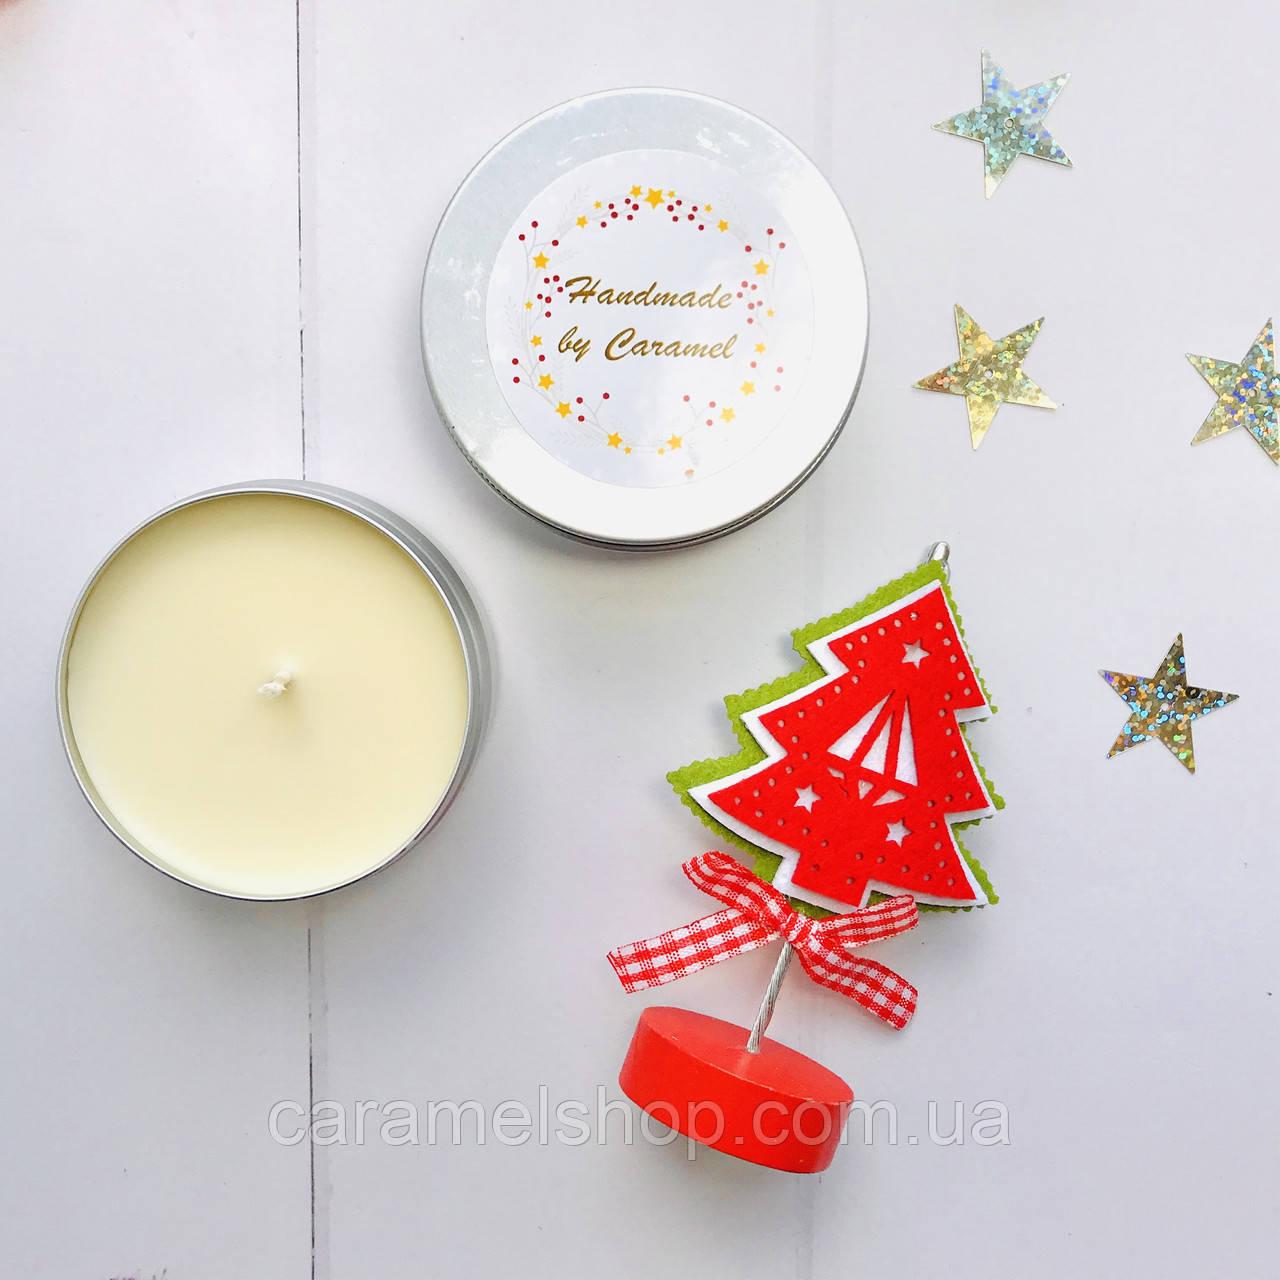 Масажна свічка соєве ароматична ручної роботи Handmade by Caramel в металевій банці 65 г